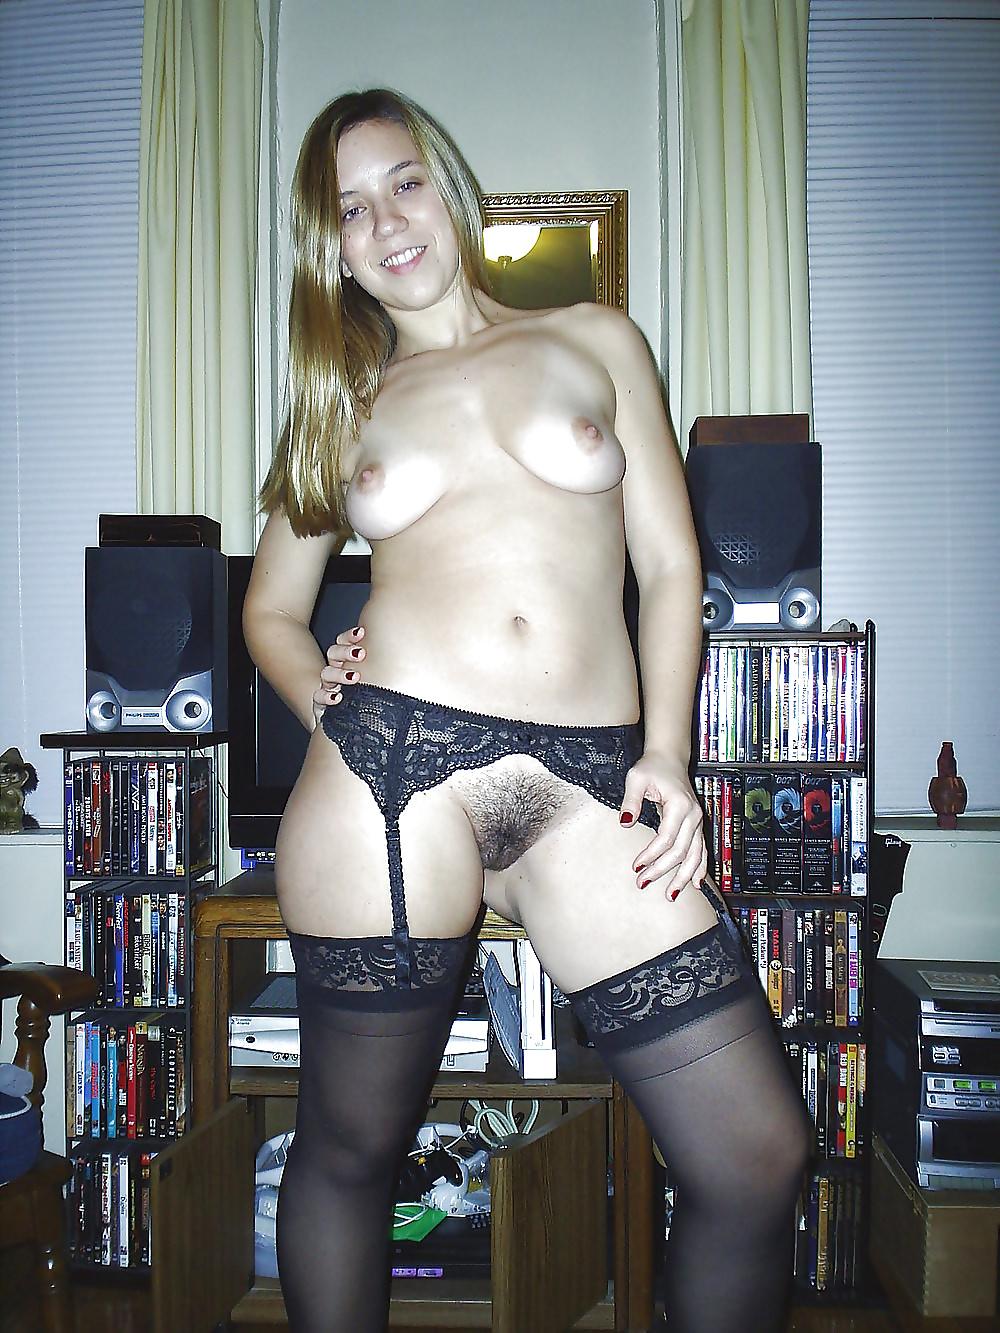 Blonden in Fotos kostenlos